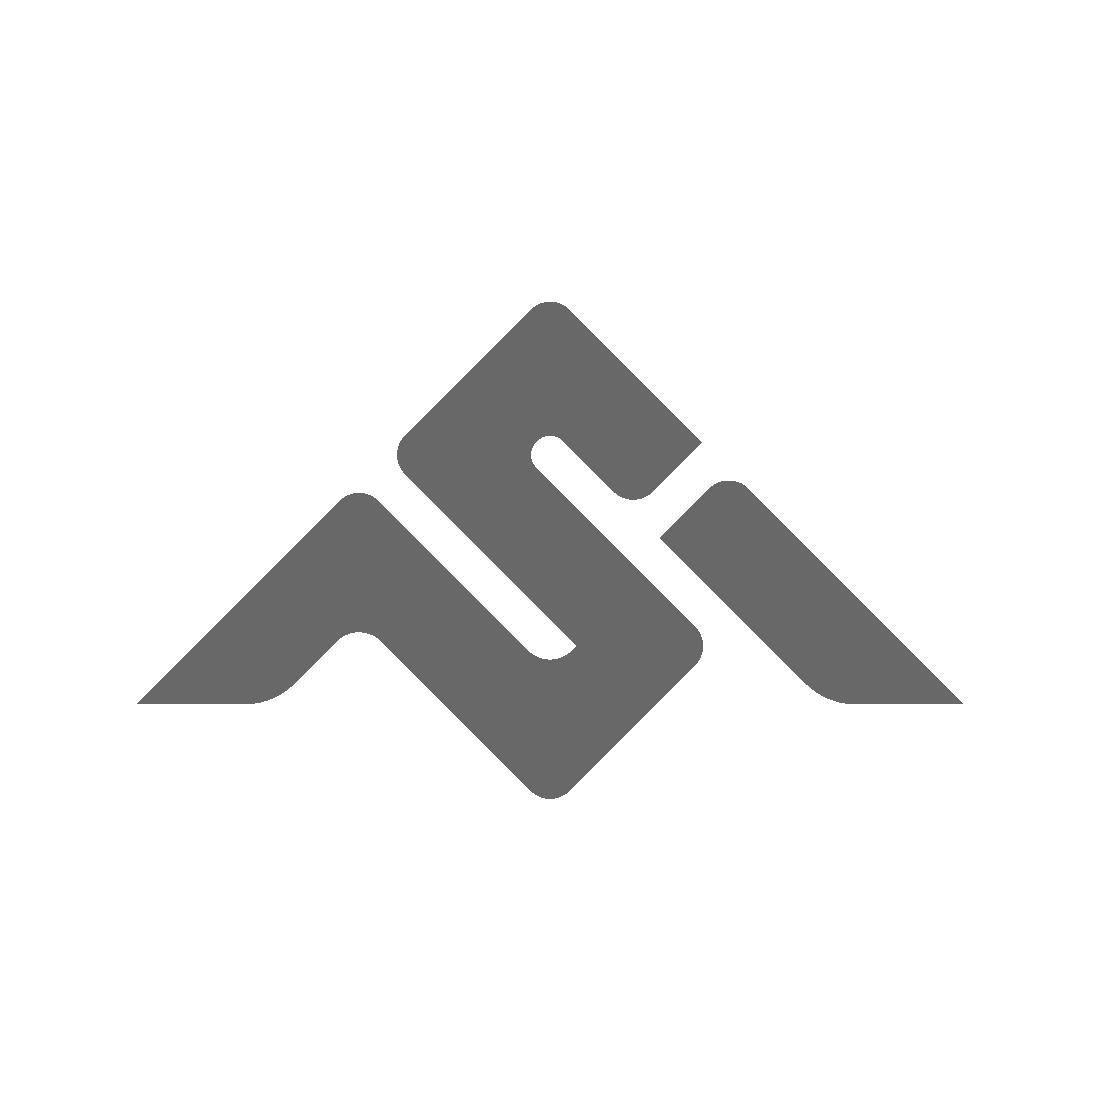 Ausverkauf Langlaufski Ski Ausverkauf Snowboard